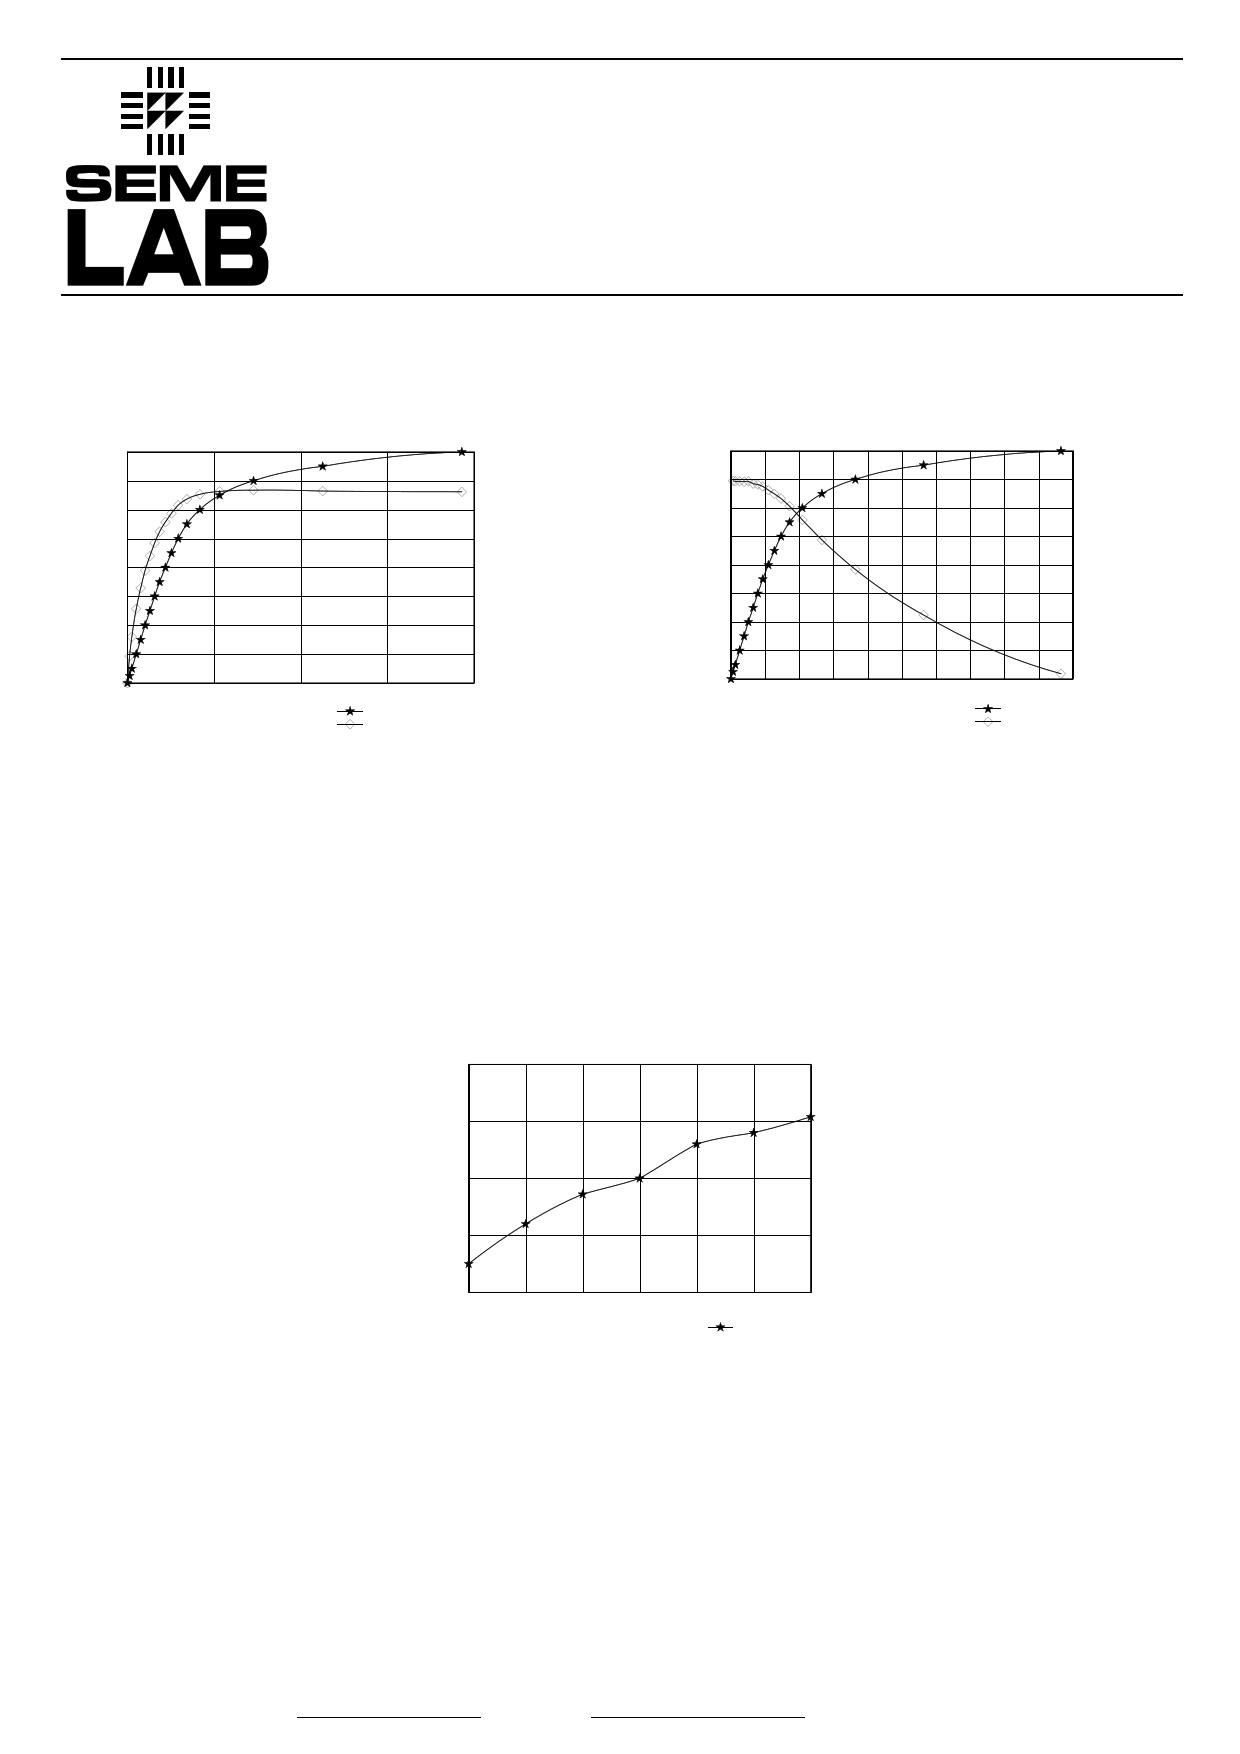 D1021UK pdf, ピン配列